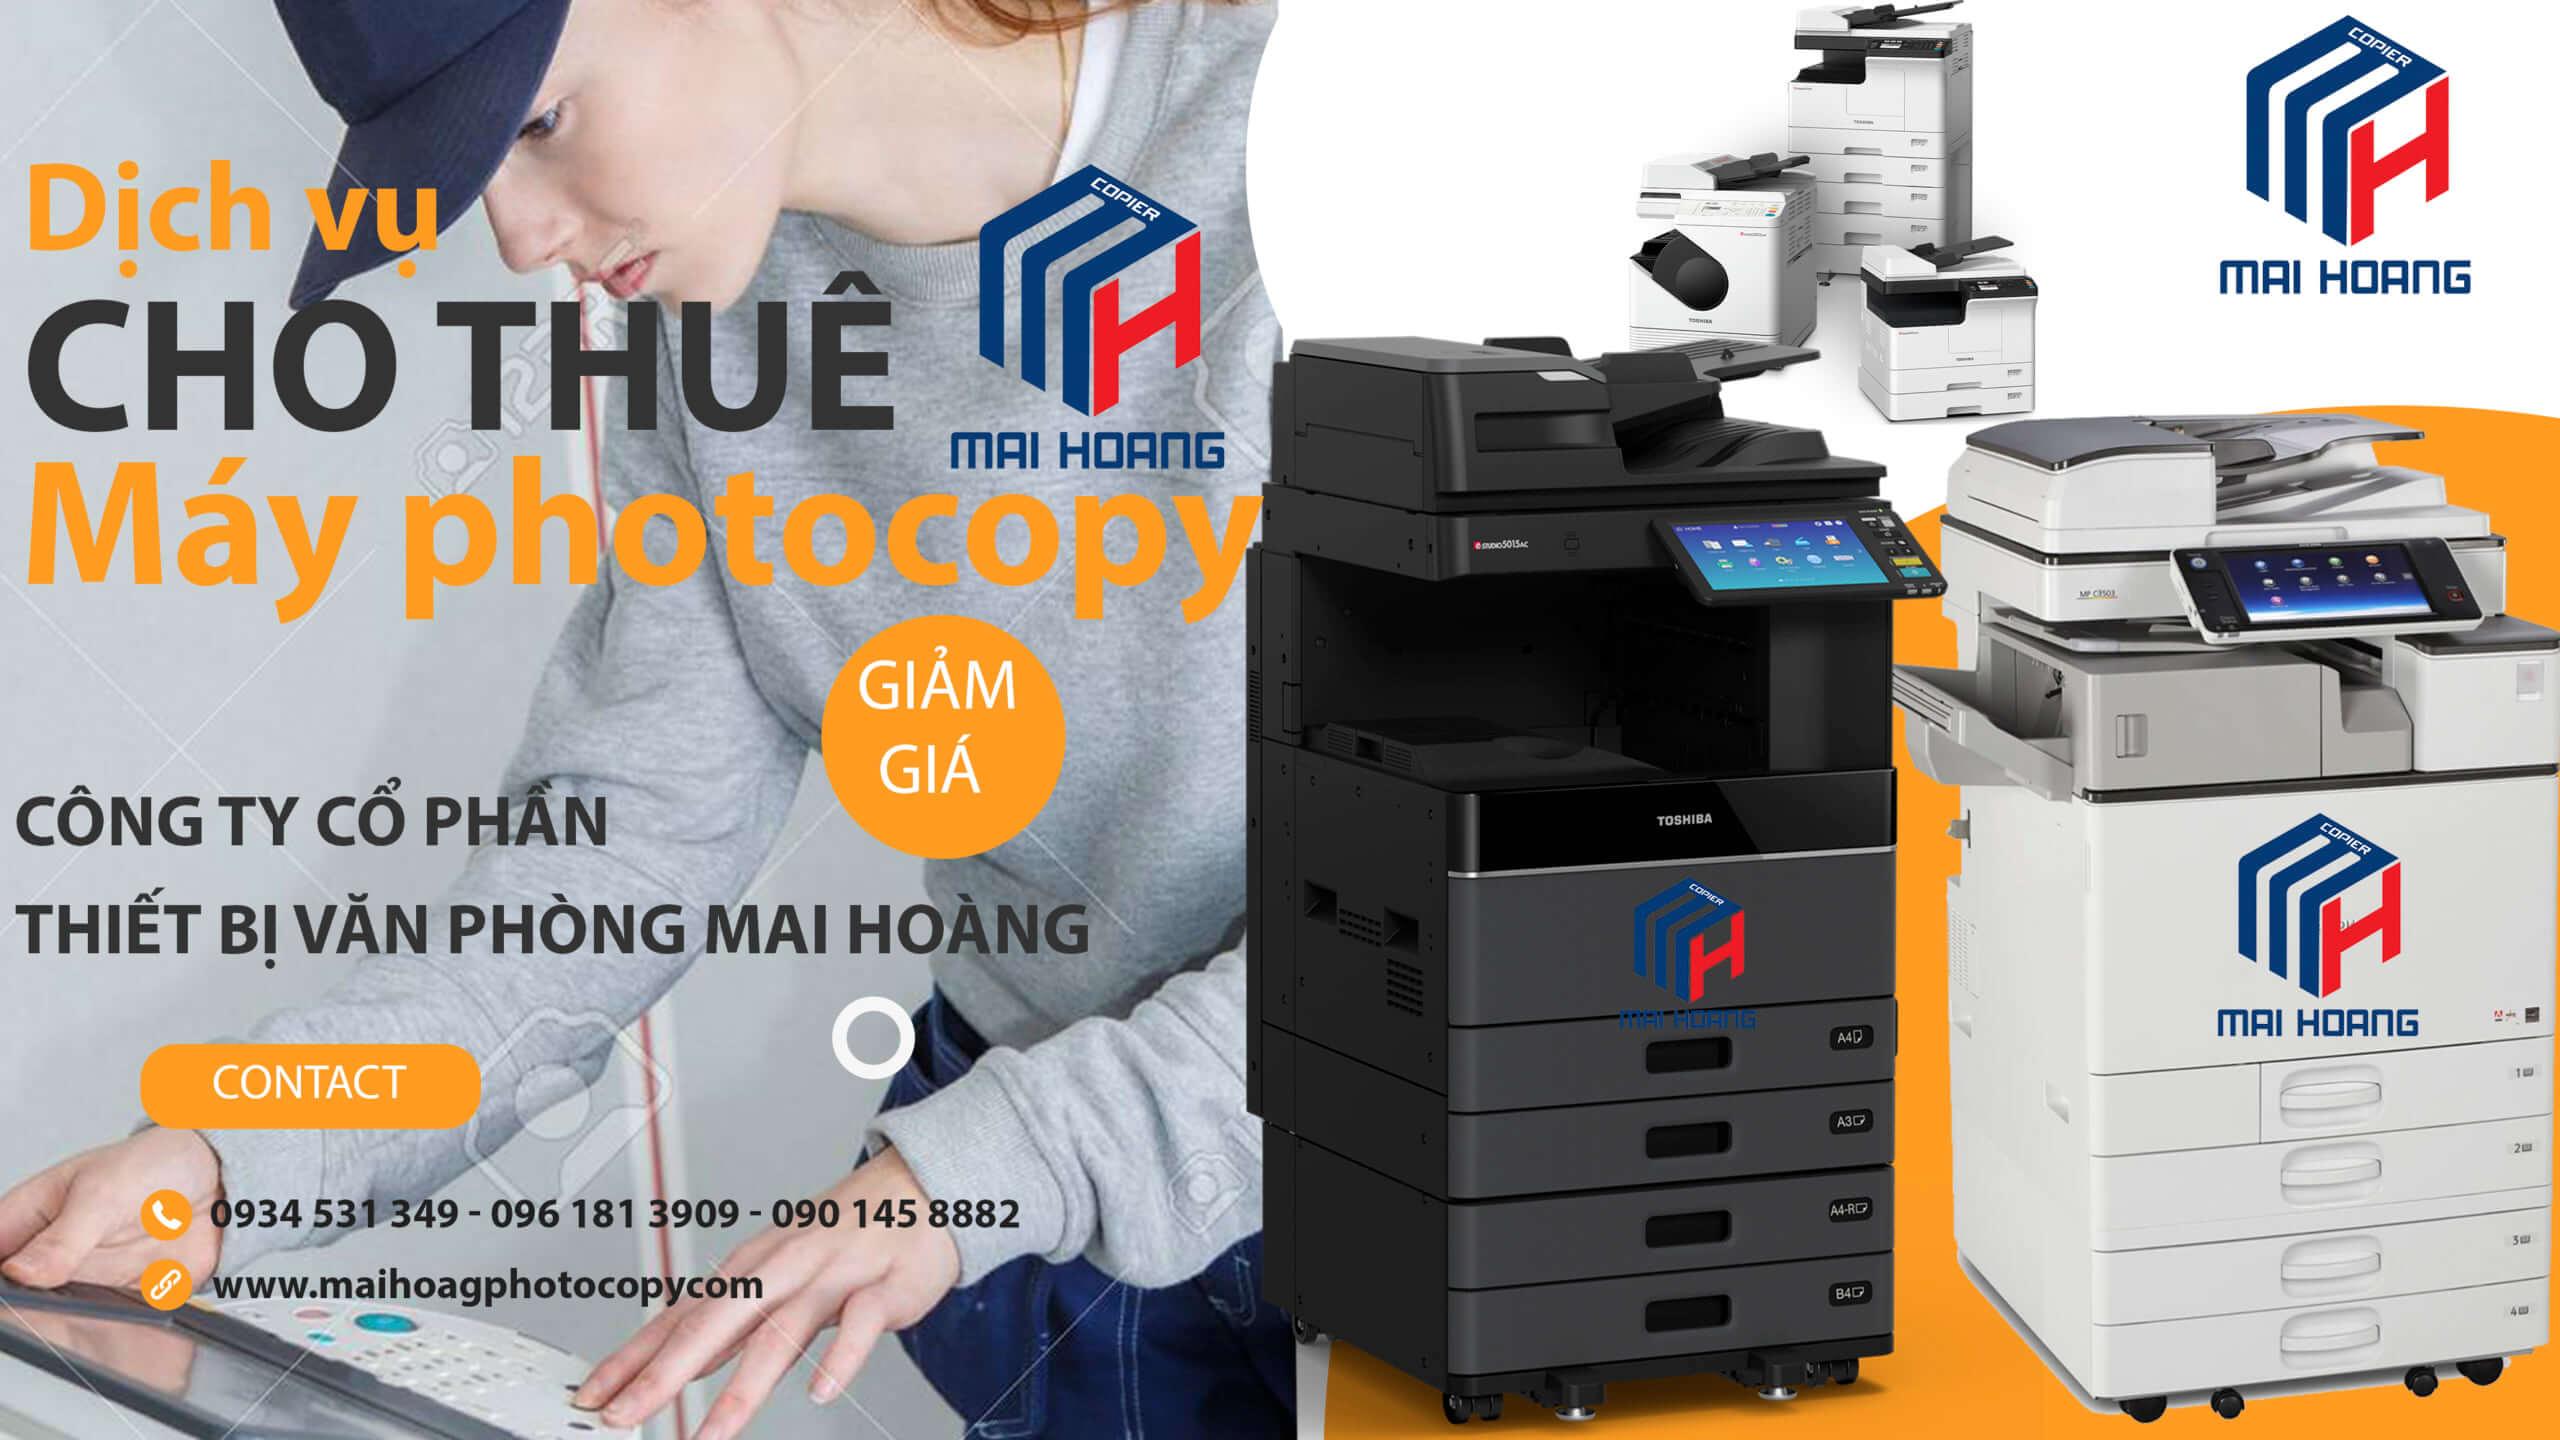 Bảng Giá Dịch vụ Cho Thuê Máy Photocopy Ở Khu Công Nghiệp thạnh đức Bến Lức Long An